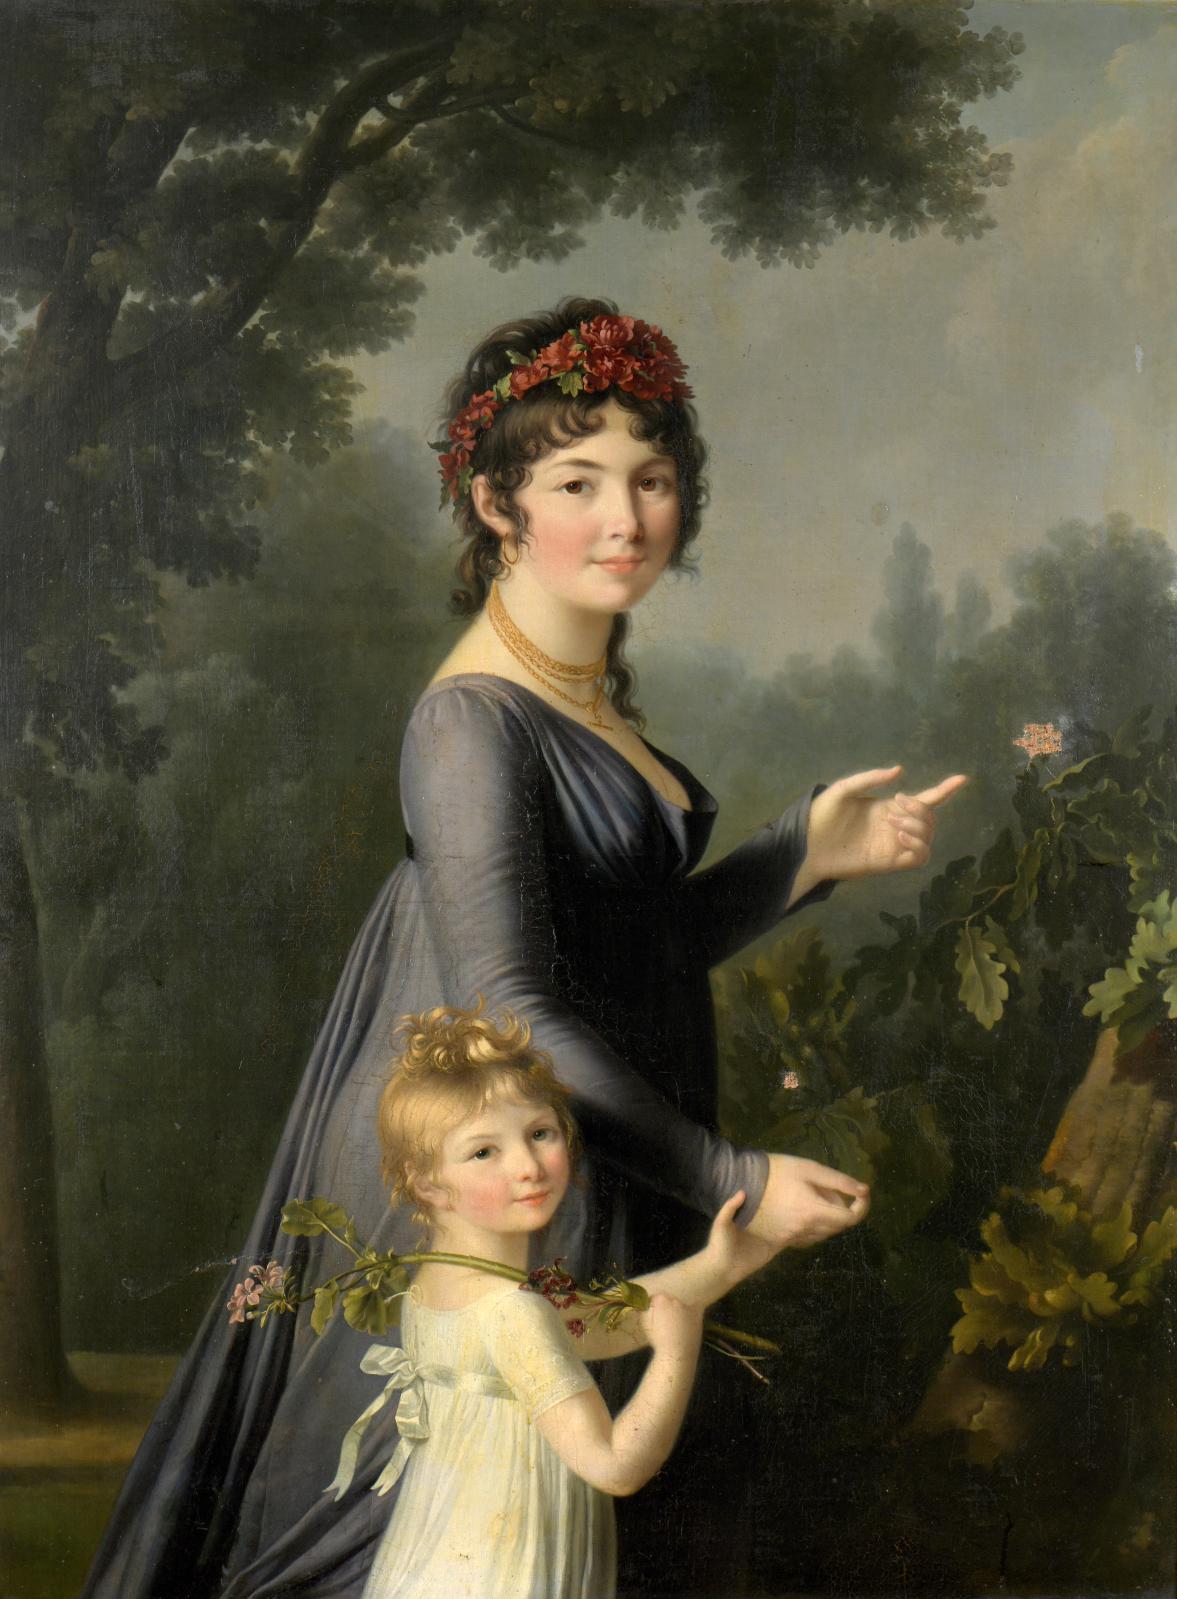 Marie-Victoire Lemoine (1754-1820), Portrait présumé de Marie-Geneviève Lemoine avec sa fille Aglaé Deluchi, dans un parc, huile sur toile